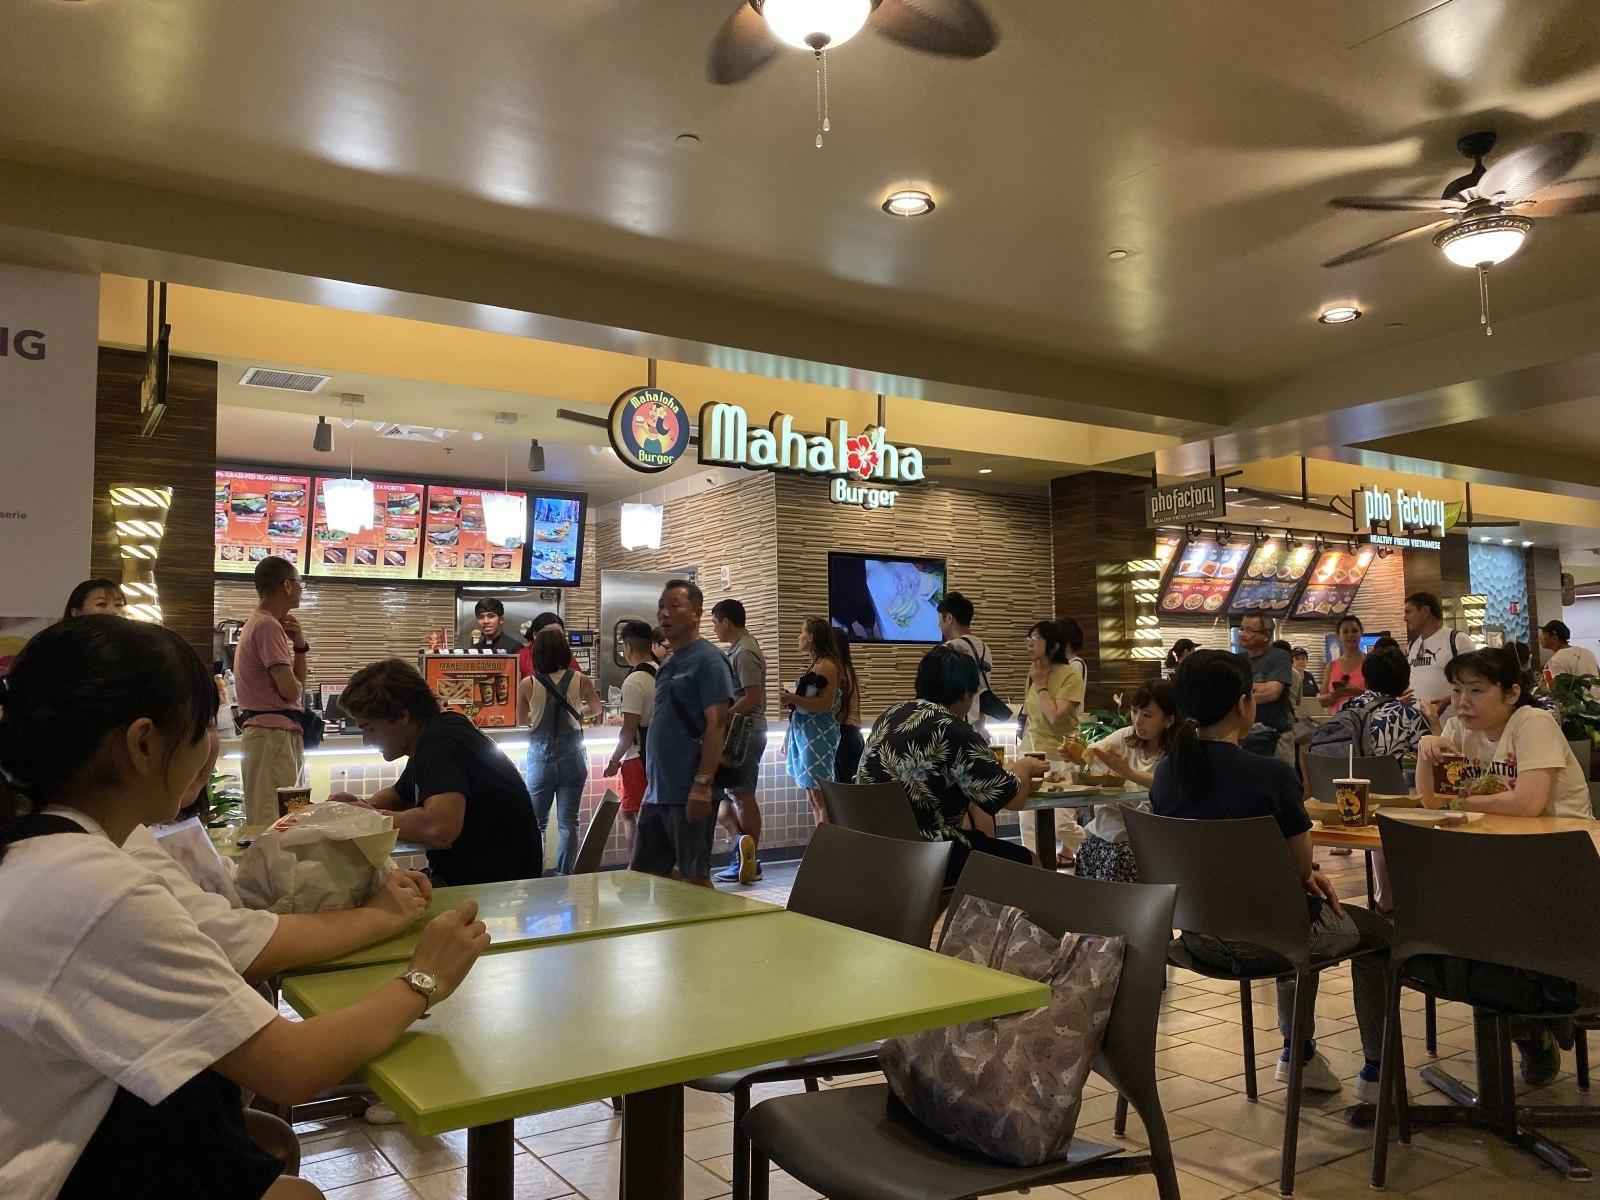 ハワイ旅行1 〜1日目〜 成田空港からホノルル空港へ eSIM便利。アサイーボウル、Mahaloha Burger食べる_b0024832_19321227.jpg